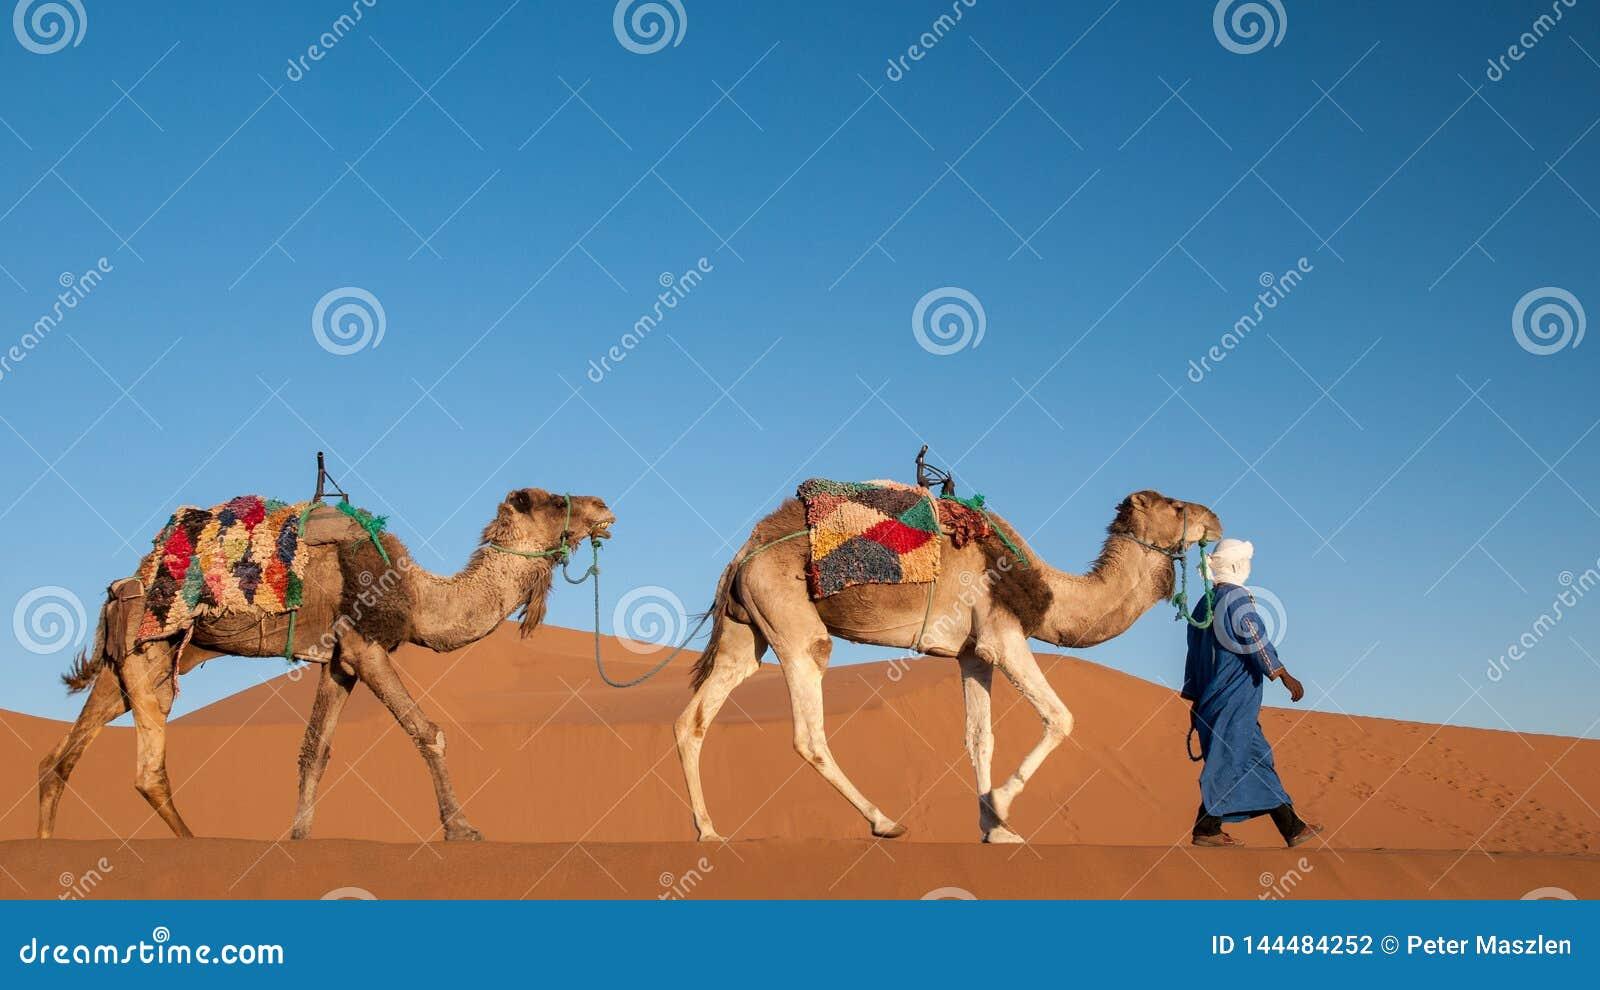 有游牧人的独峰驼有蓬卡车在撒哈拉大沙漠摩洛哥